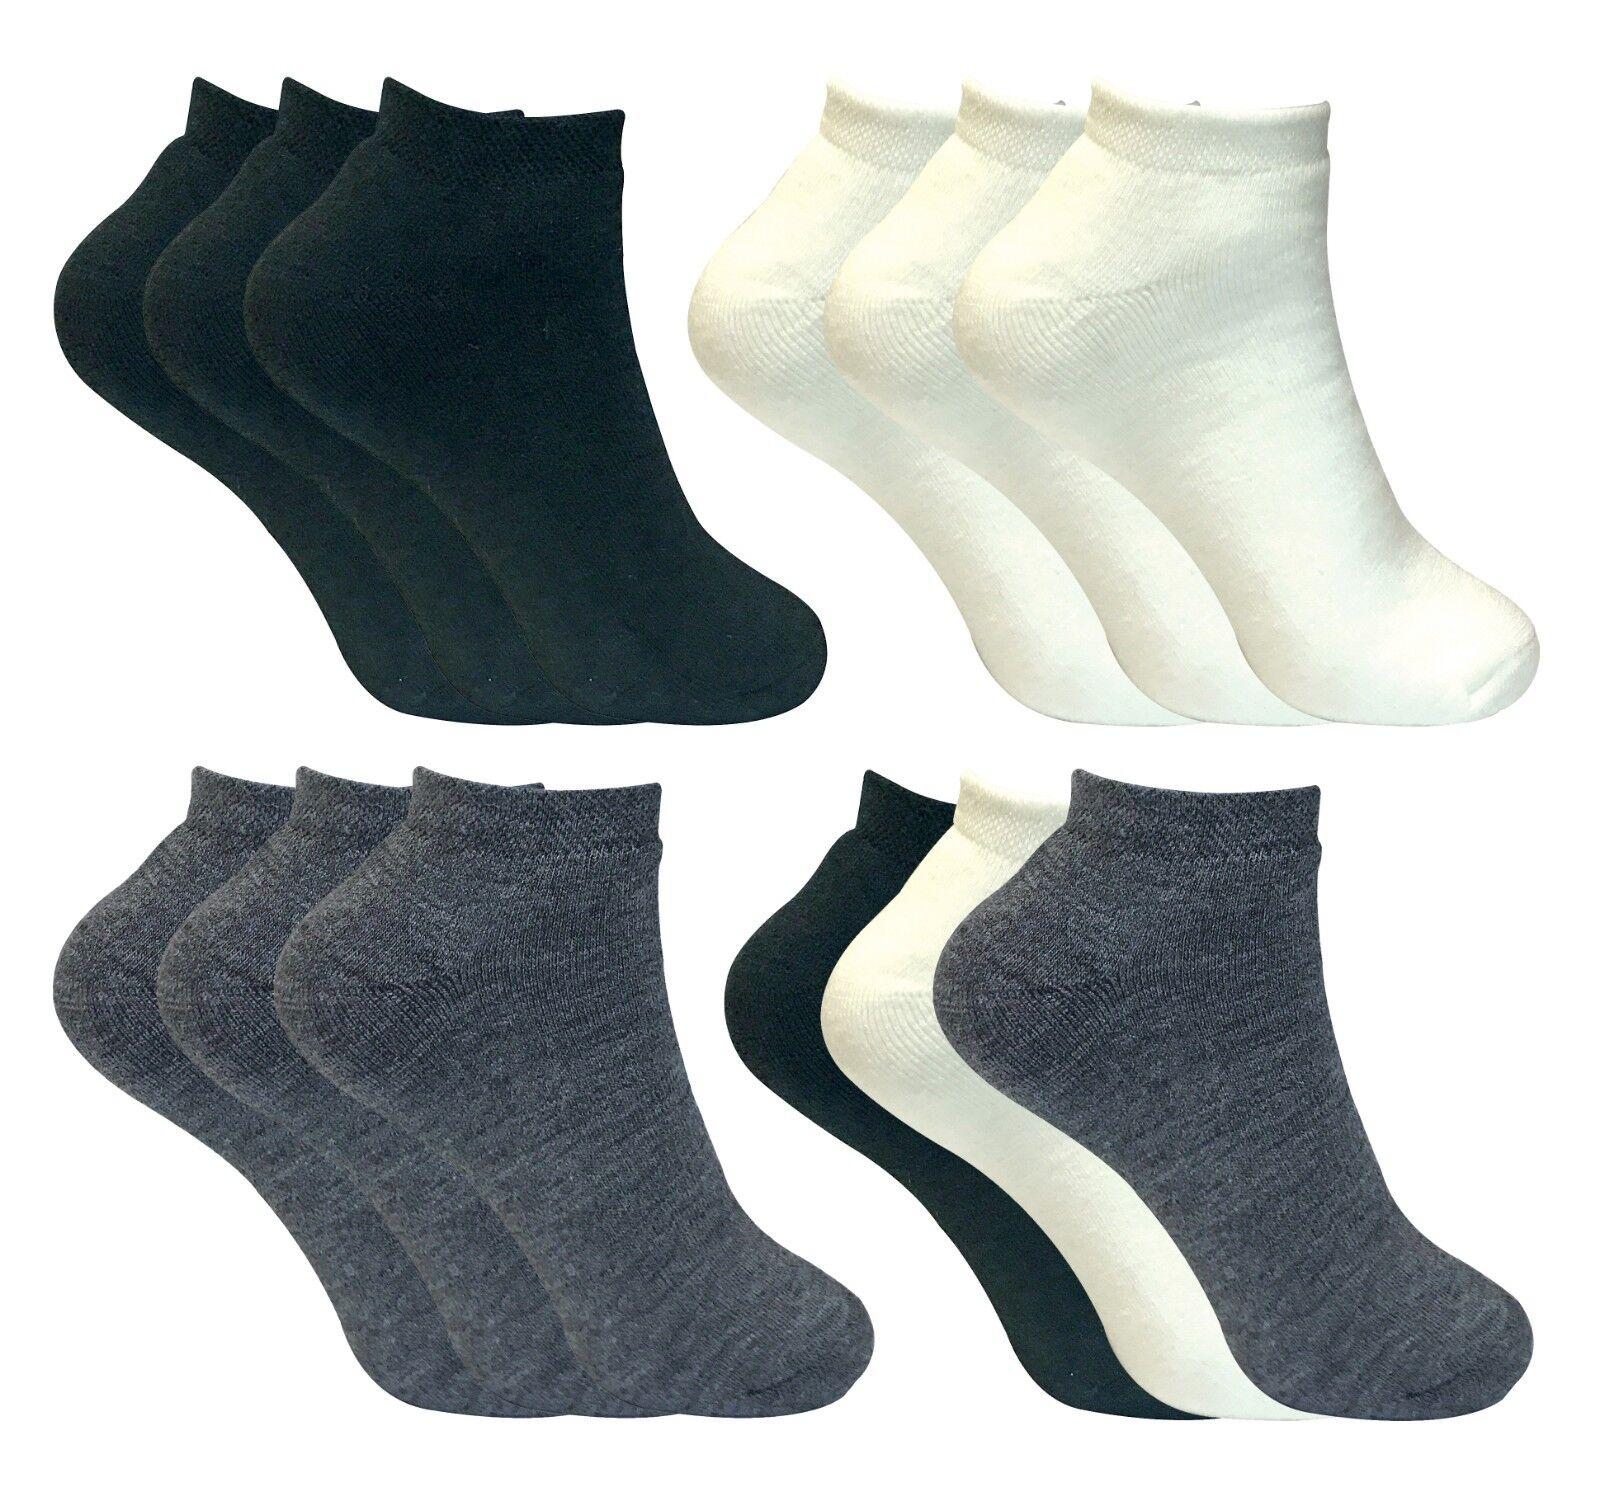 3er pack damen herren winter warm kurz thermo socken mit innenfell für sneaker